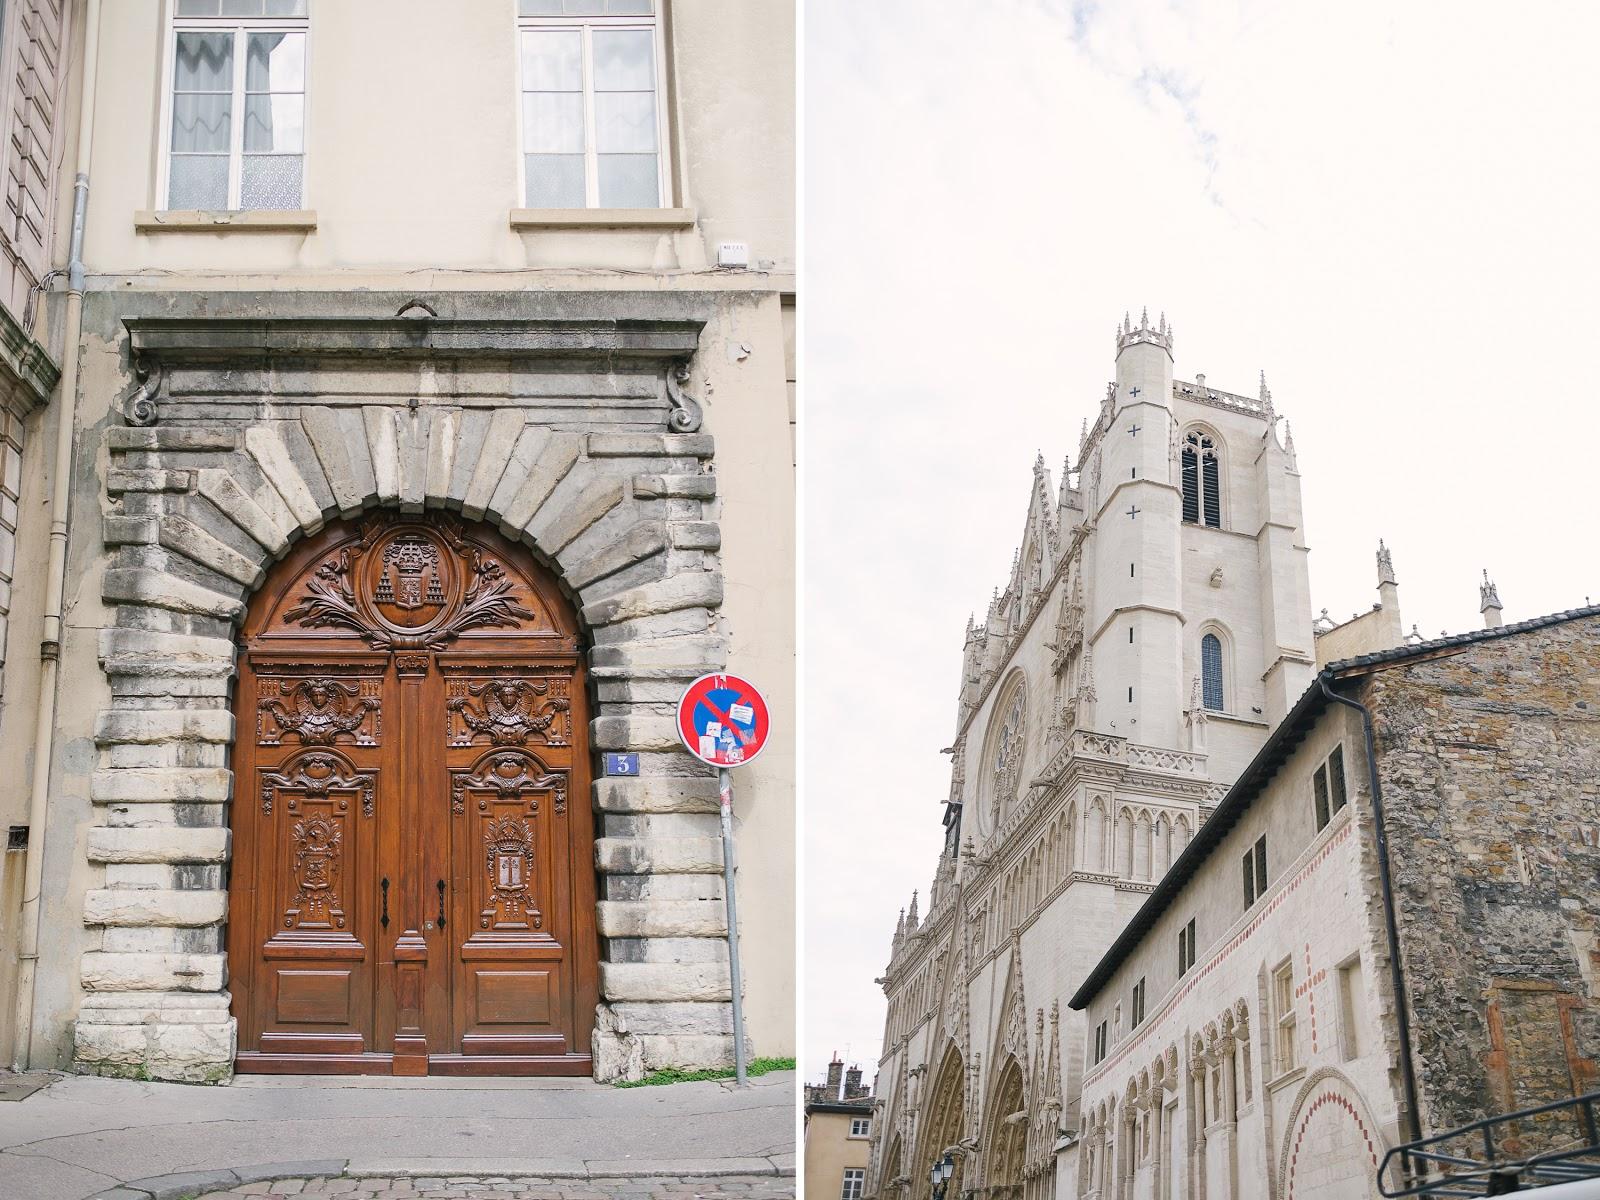 Beautyosuaurs Lex-Alex Good-Lifestyle Blog-Travel-Lyon-France-AlexGoodTravels-Traboules-Farmers Market